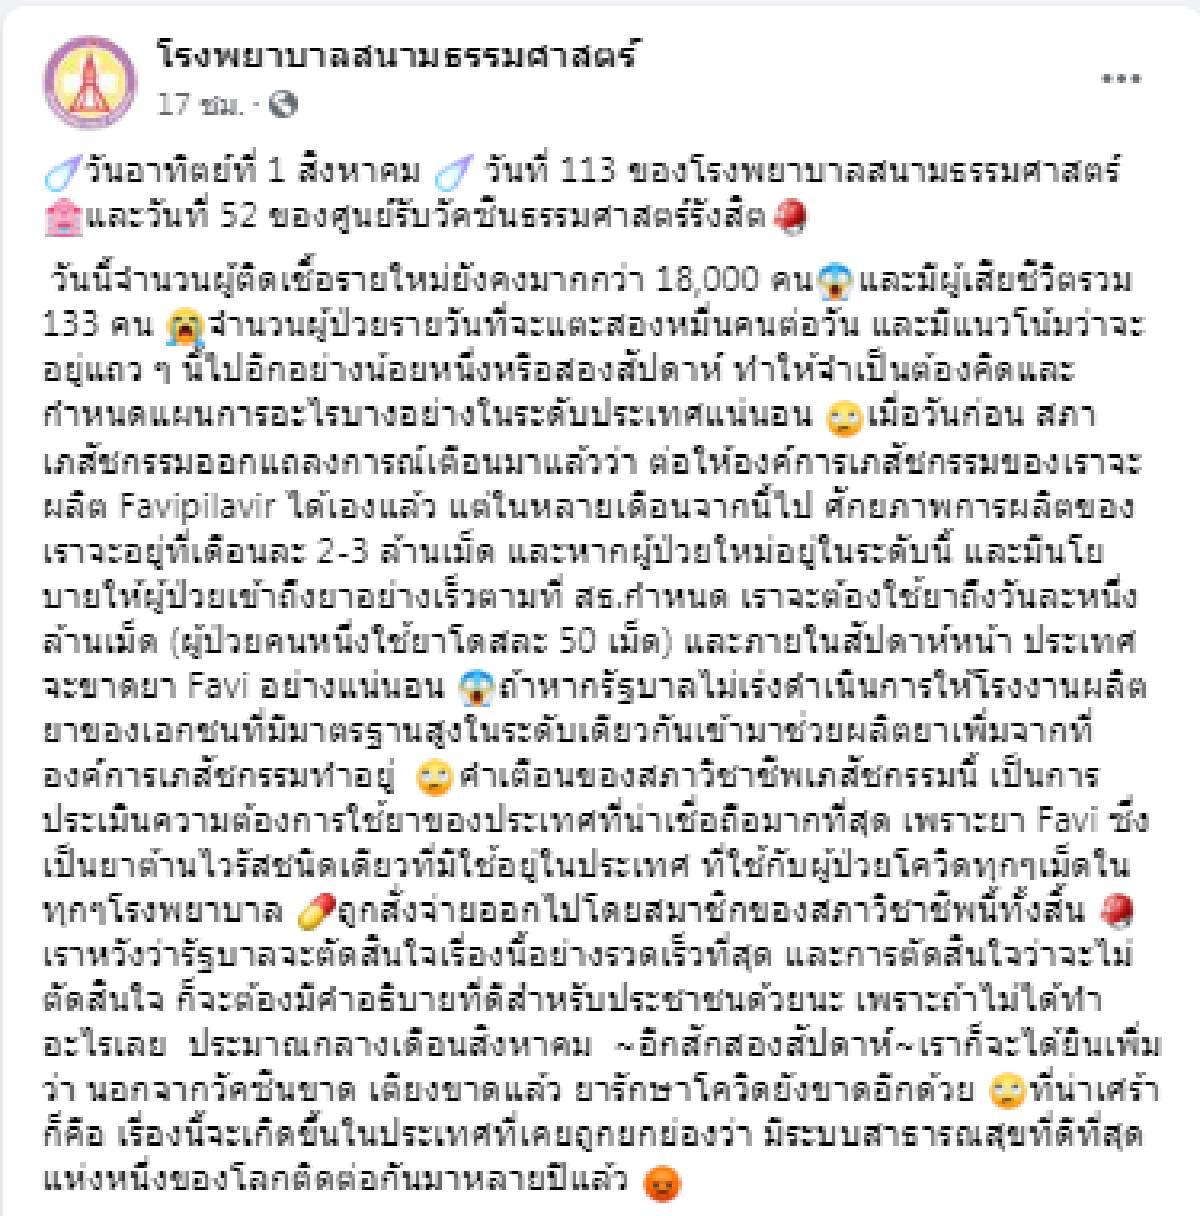 โพสต์เตือนยายาฟาวิพิราเวียร์ในไทยเสี่ยงขาดแคลน